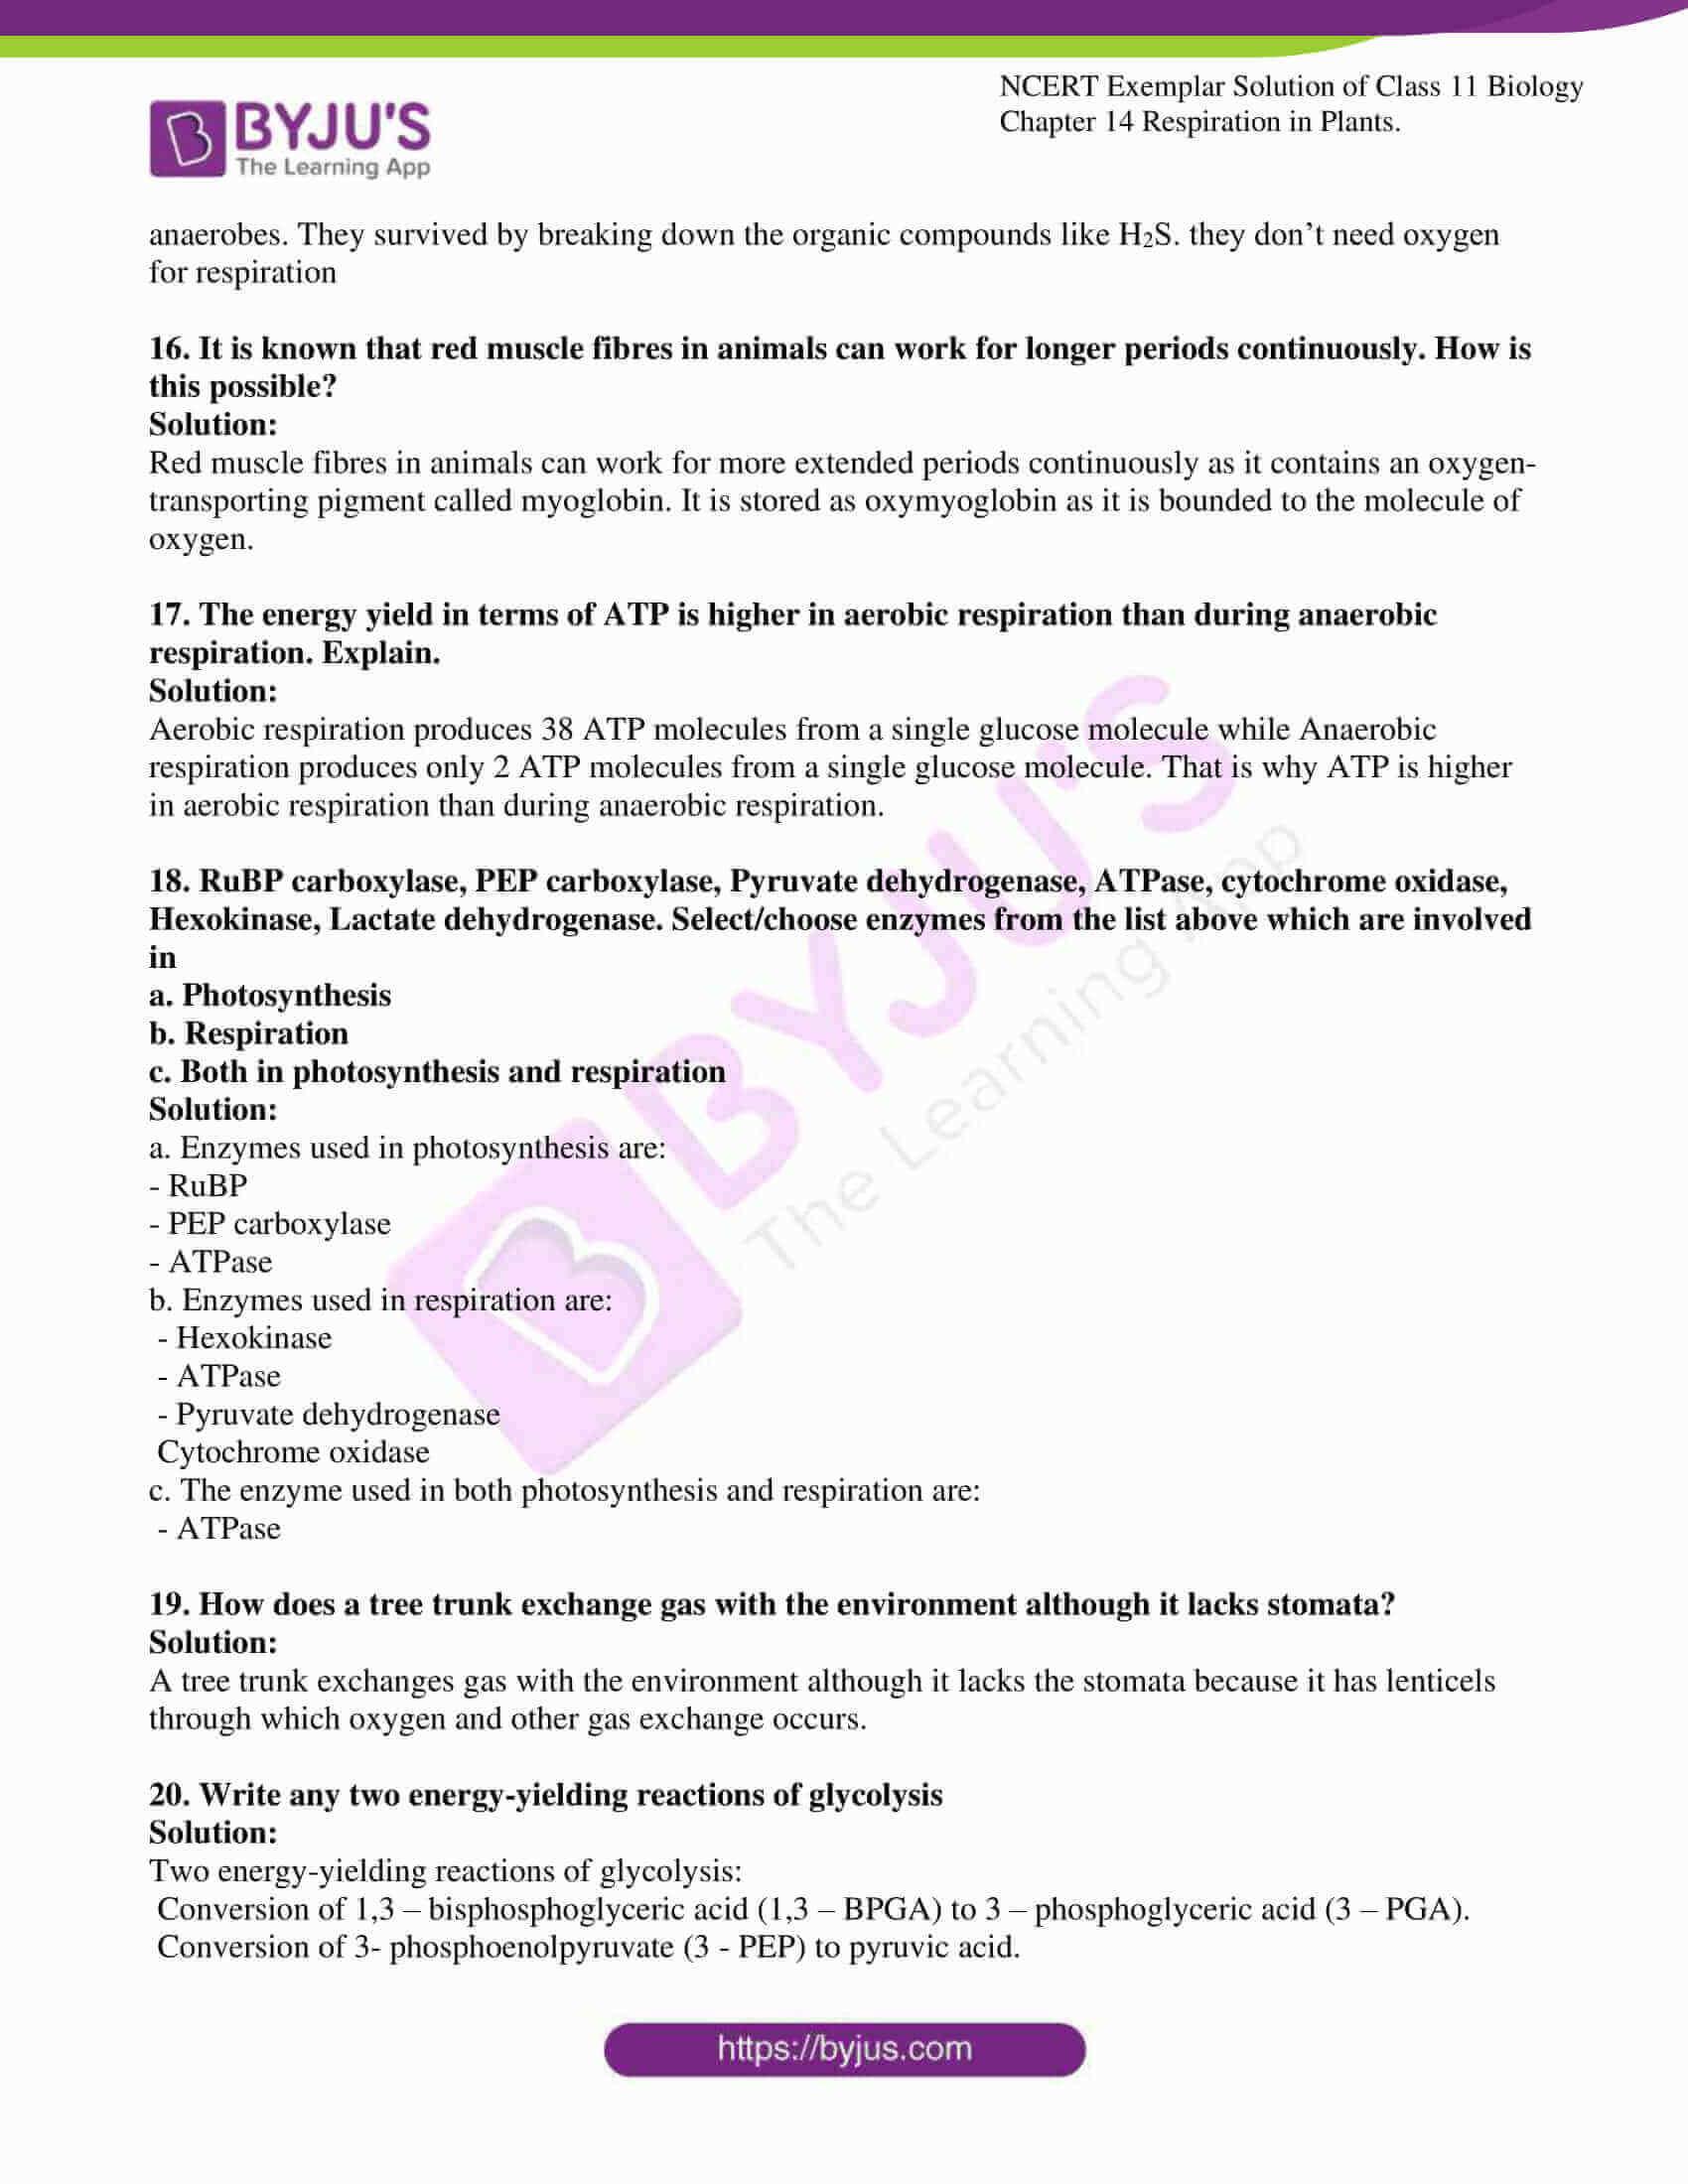 Ncert Exemplar Solution For Class 11 Biology Chapter 14